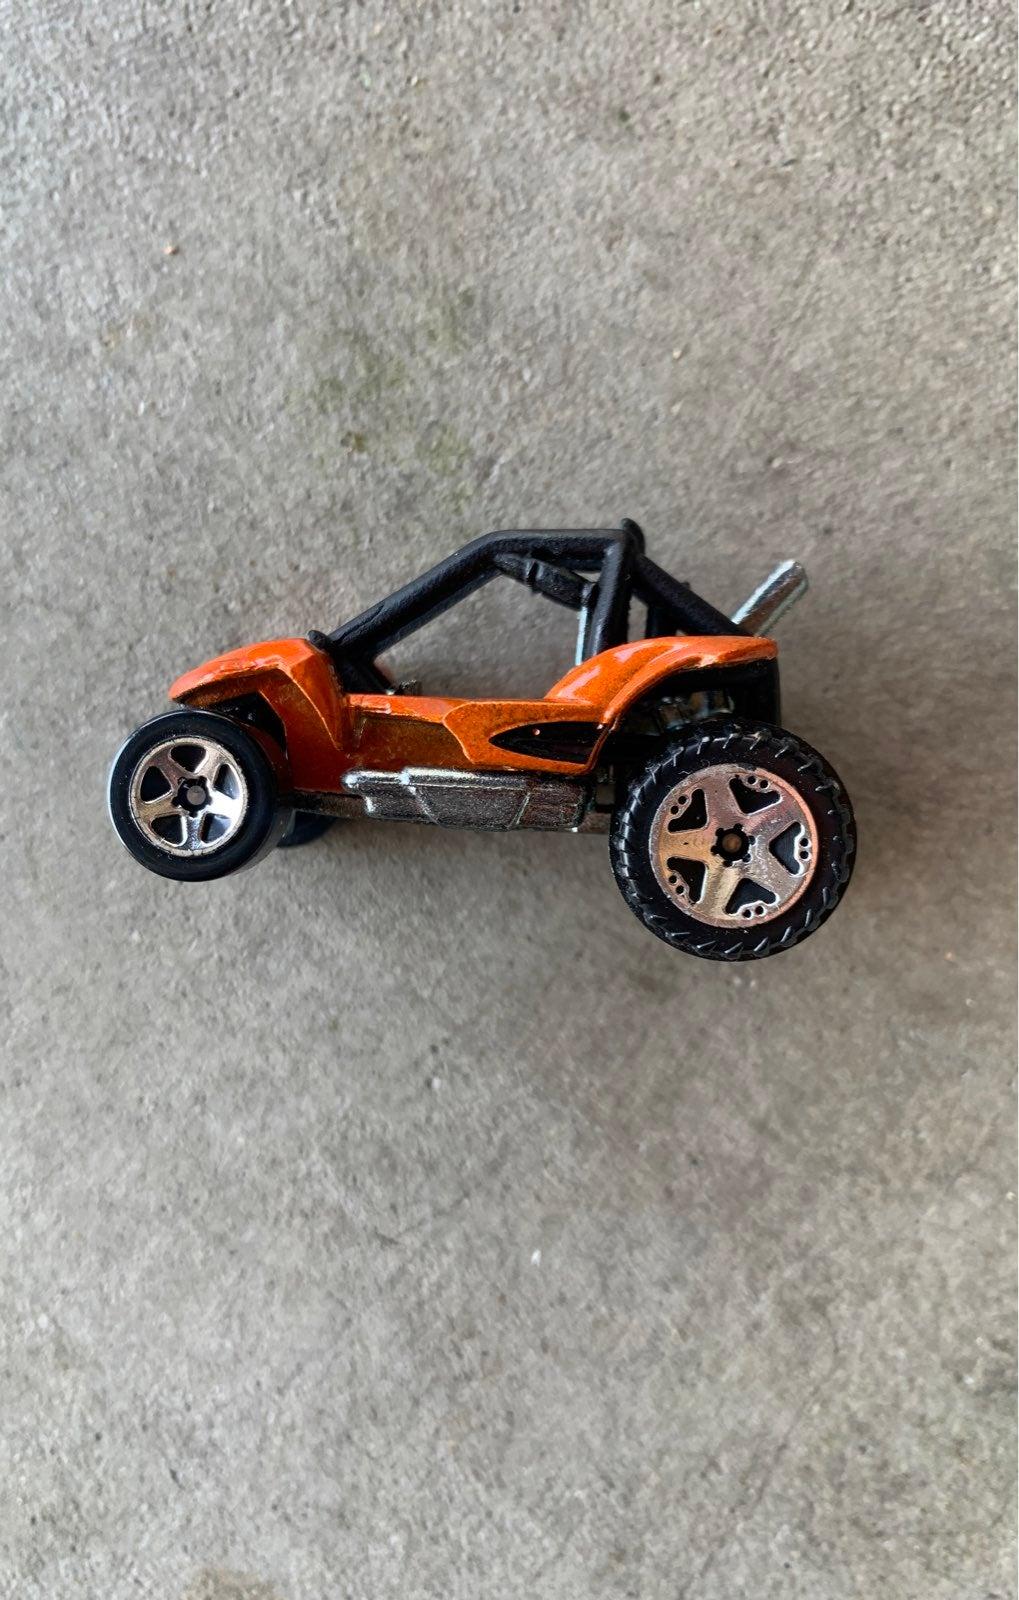 2004 Orange Power Sander hotwheels